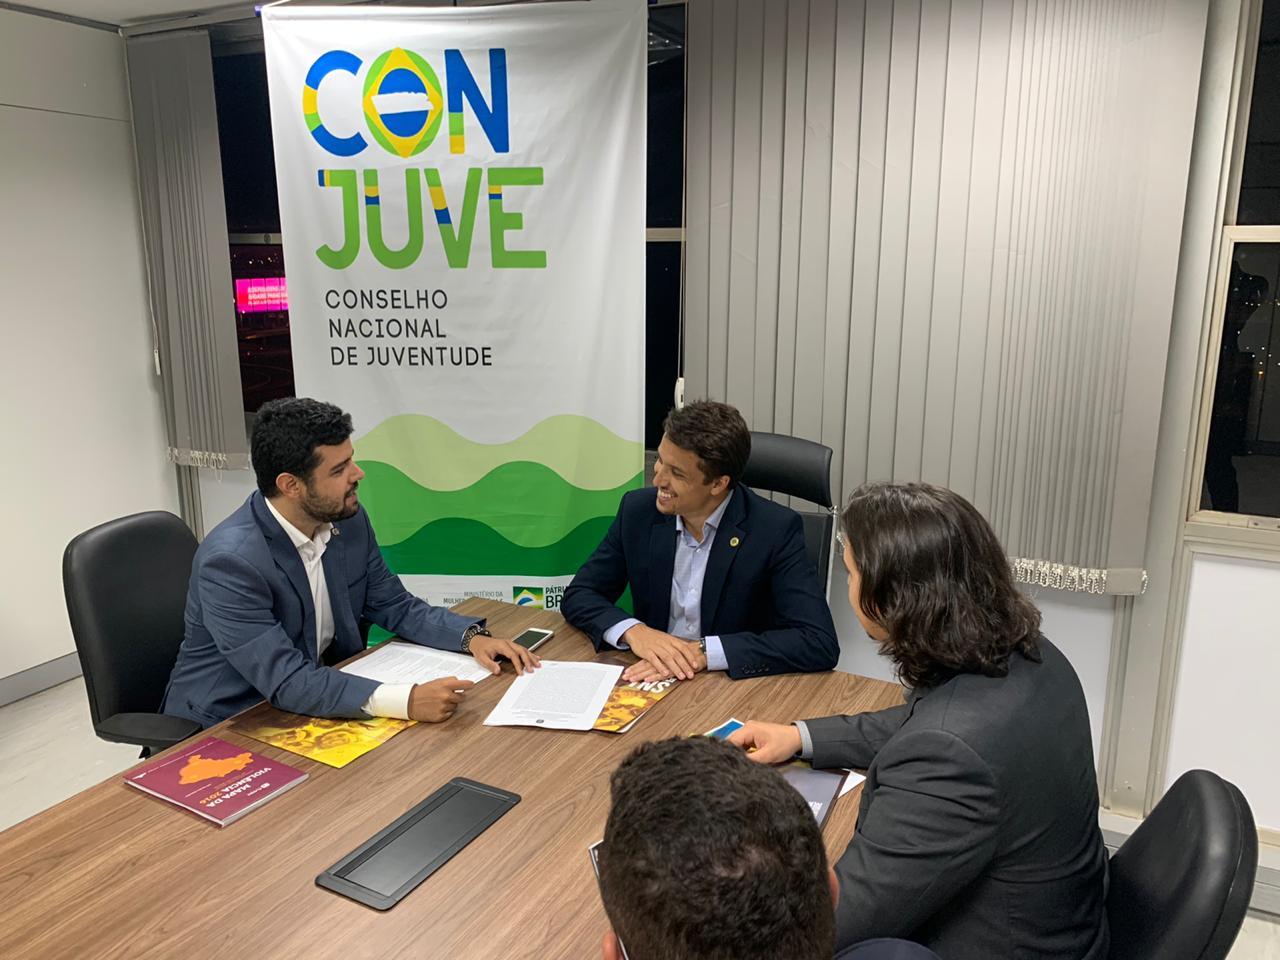 Conjuve se reúne em Brasília com diretoria de Políticas para a Juventude, para debater projetos direcionados aos jovens do Tocantins